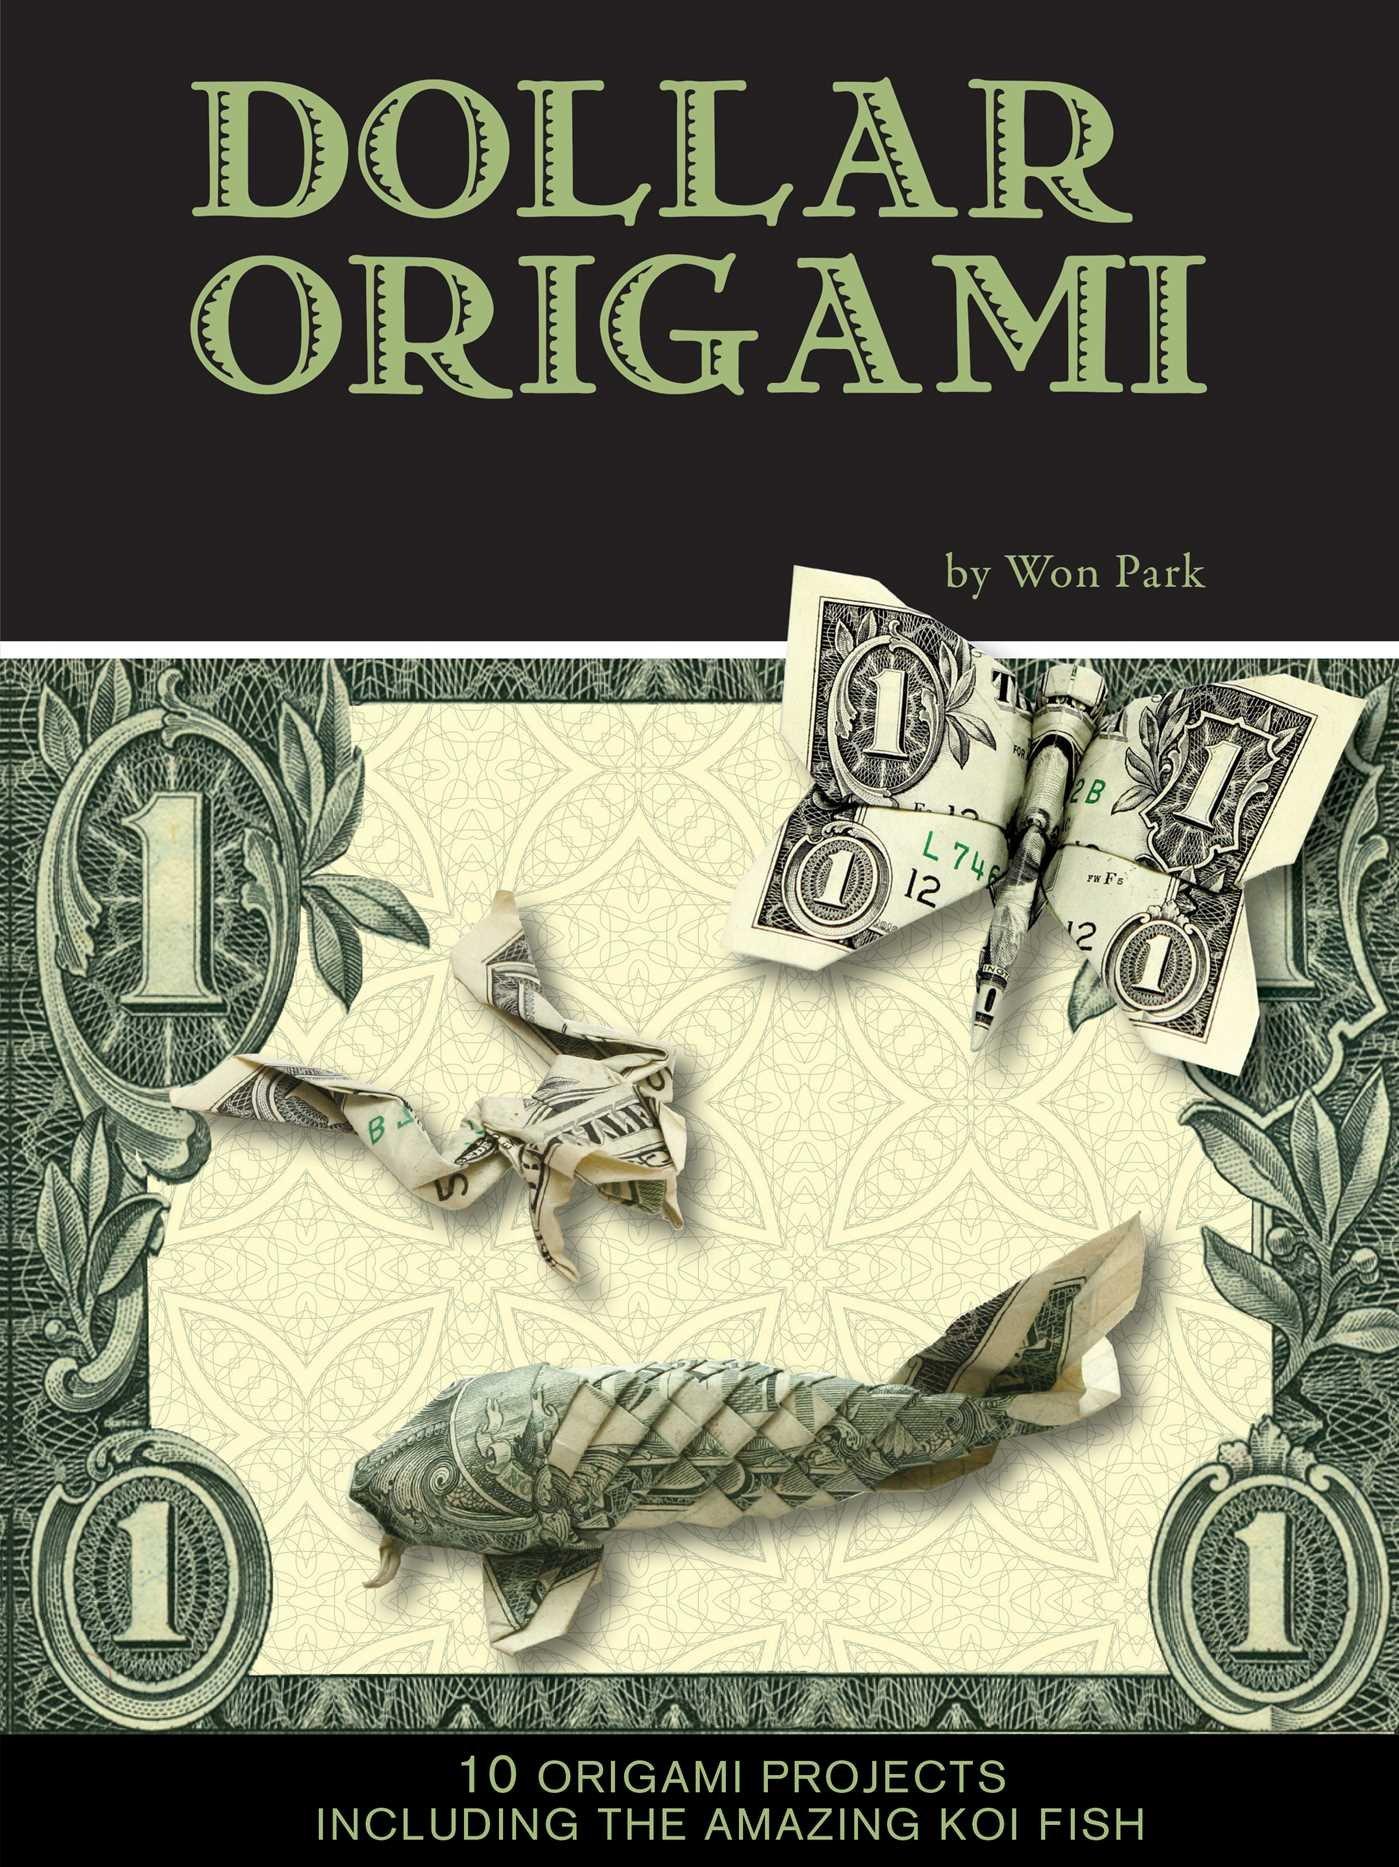 Dollar origami mass market origami books won park dollar origami mass market origami books won park 9781626868038 amazon books jeuxipadfo Choice Image